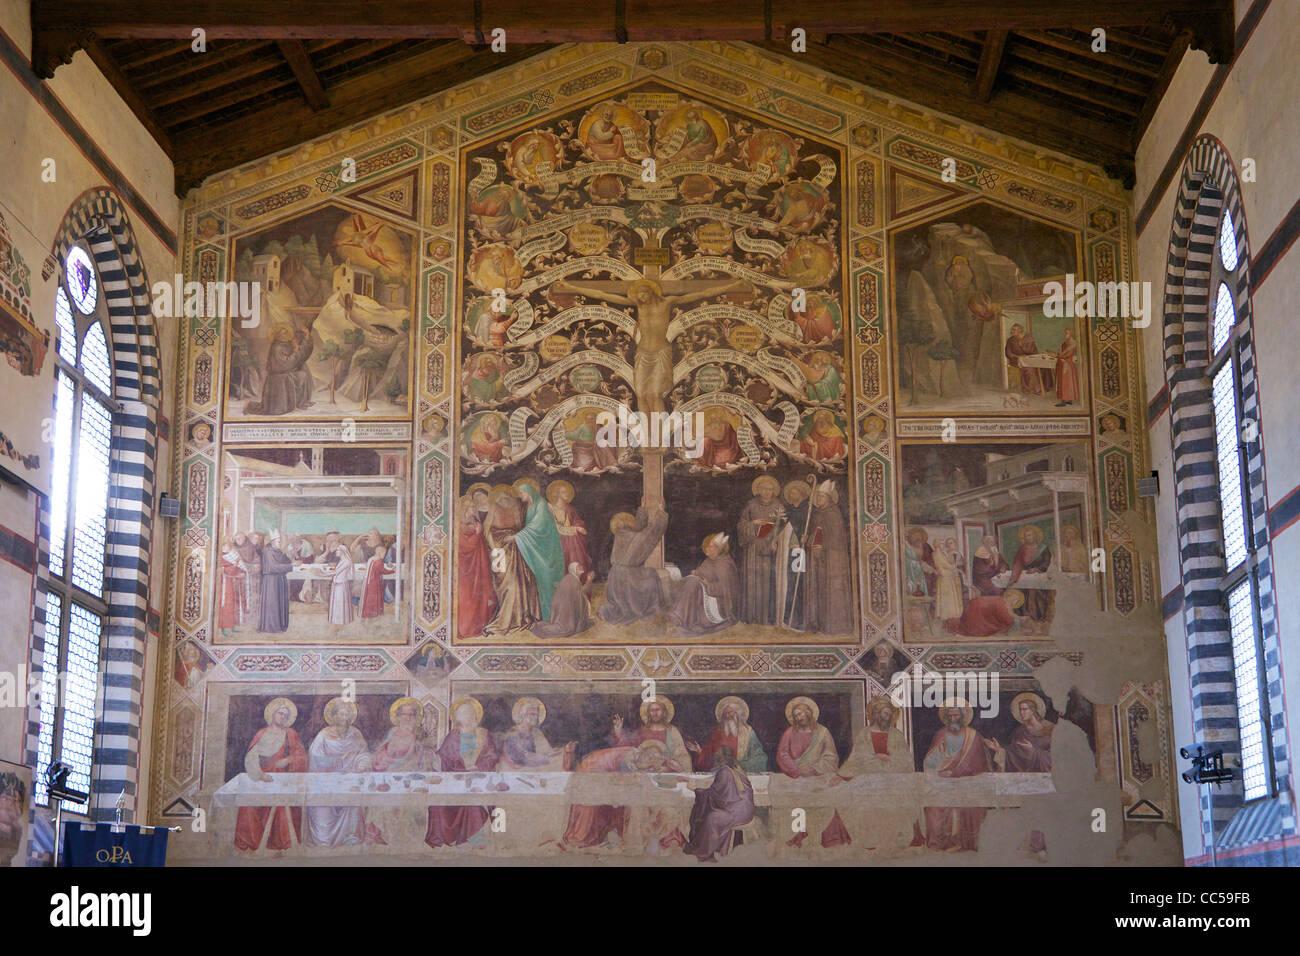 Fresques de la Cène et l'arbre de vie, par Taddeo Gaddi, vers 1335, un grand réfectoire, Basilique Santa Croce, Banque D'Images